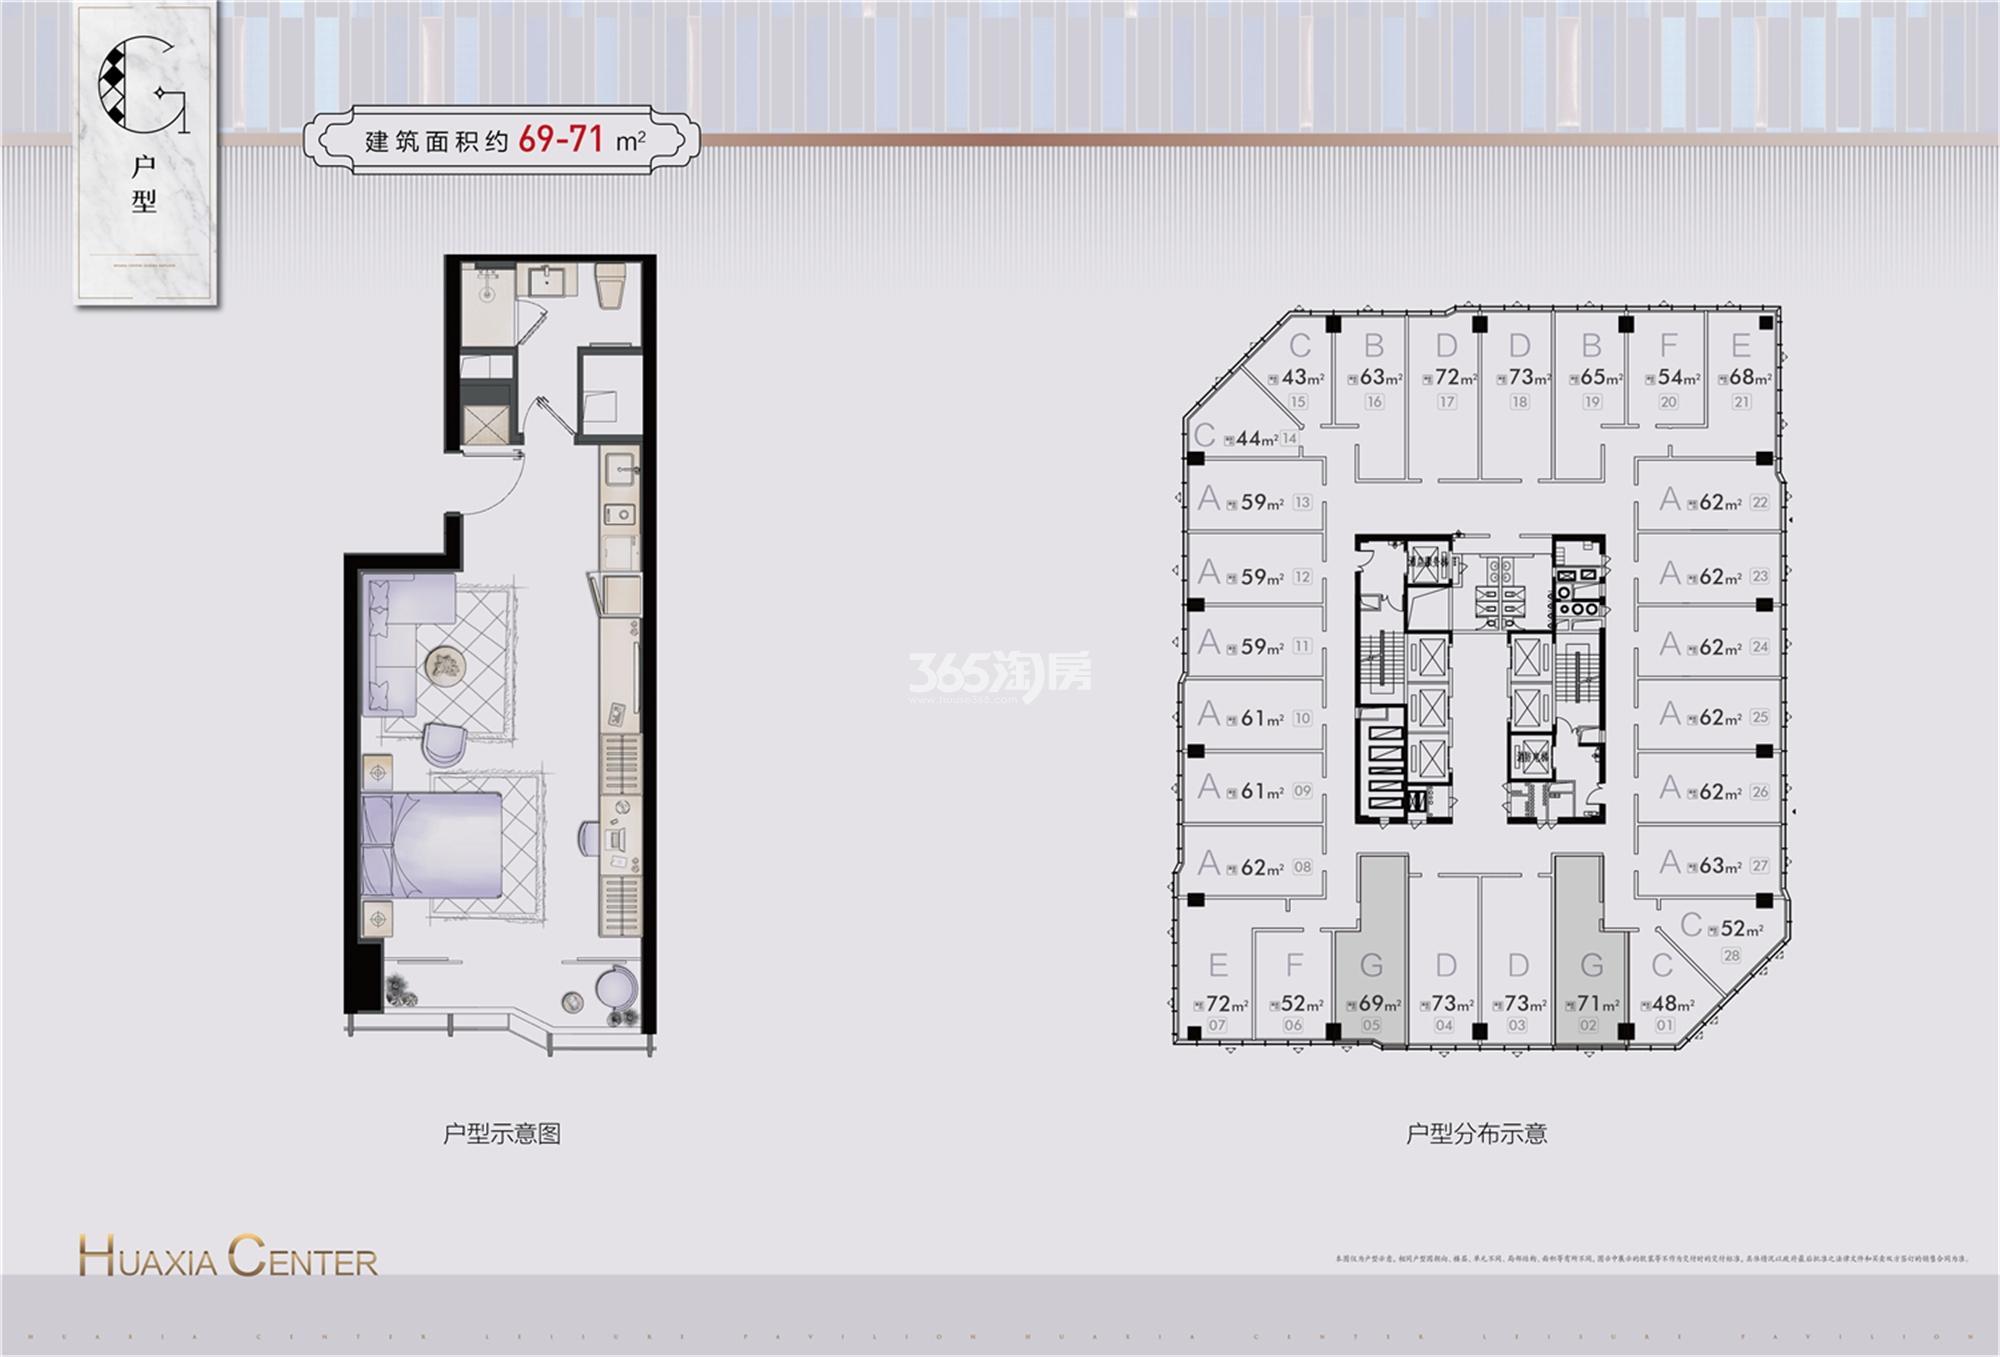 华夏之心公寓G户型 约69-71㎡